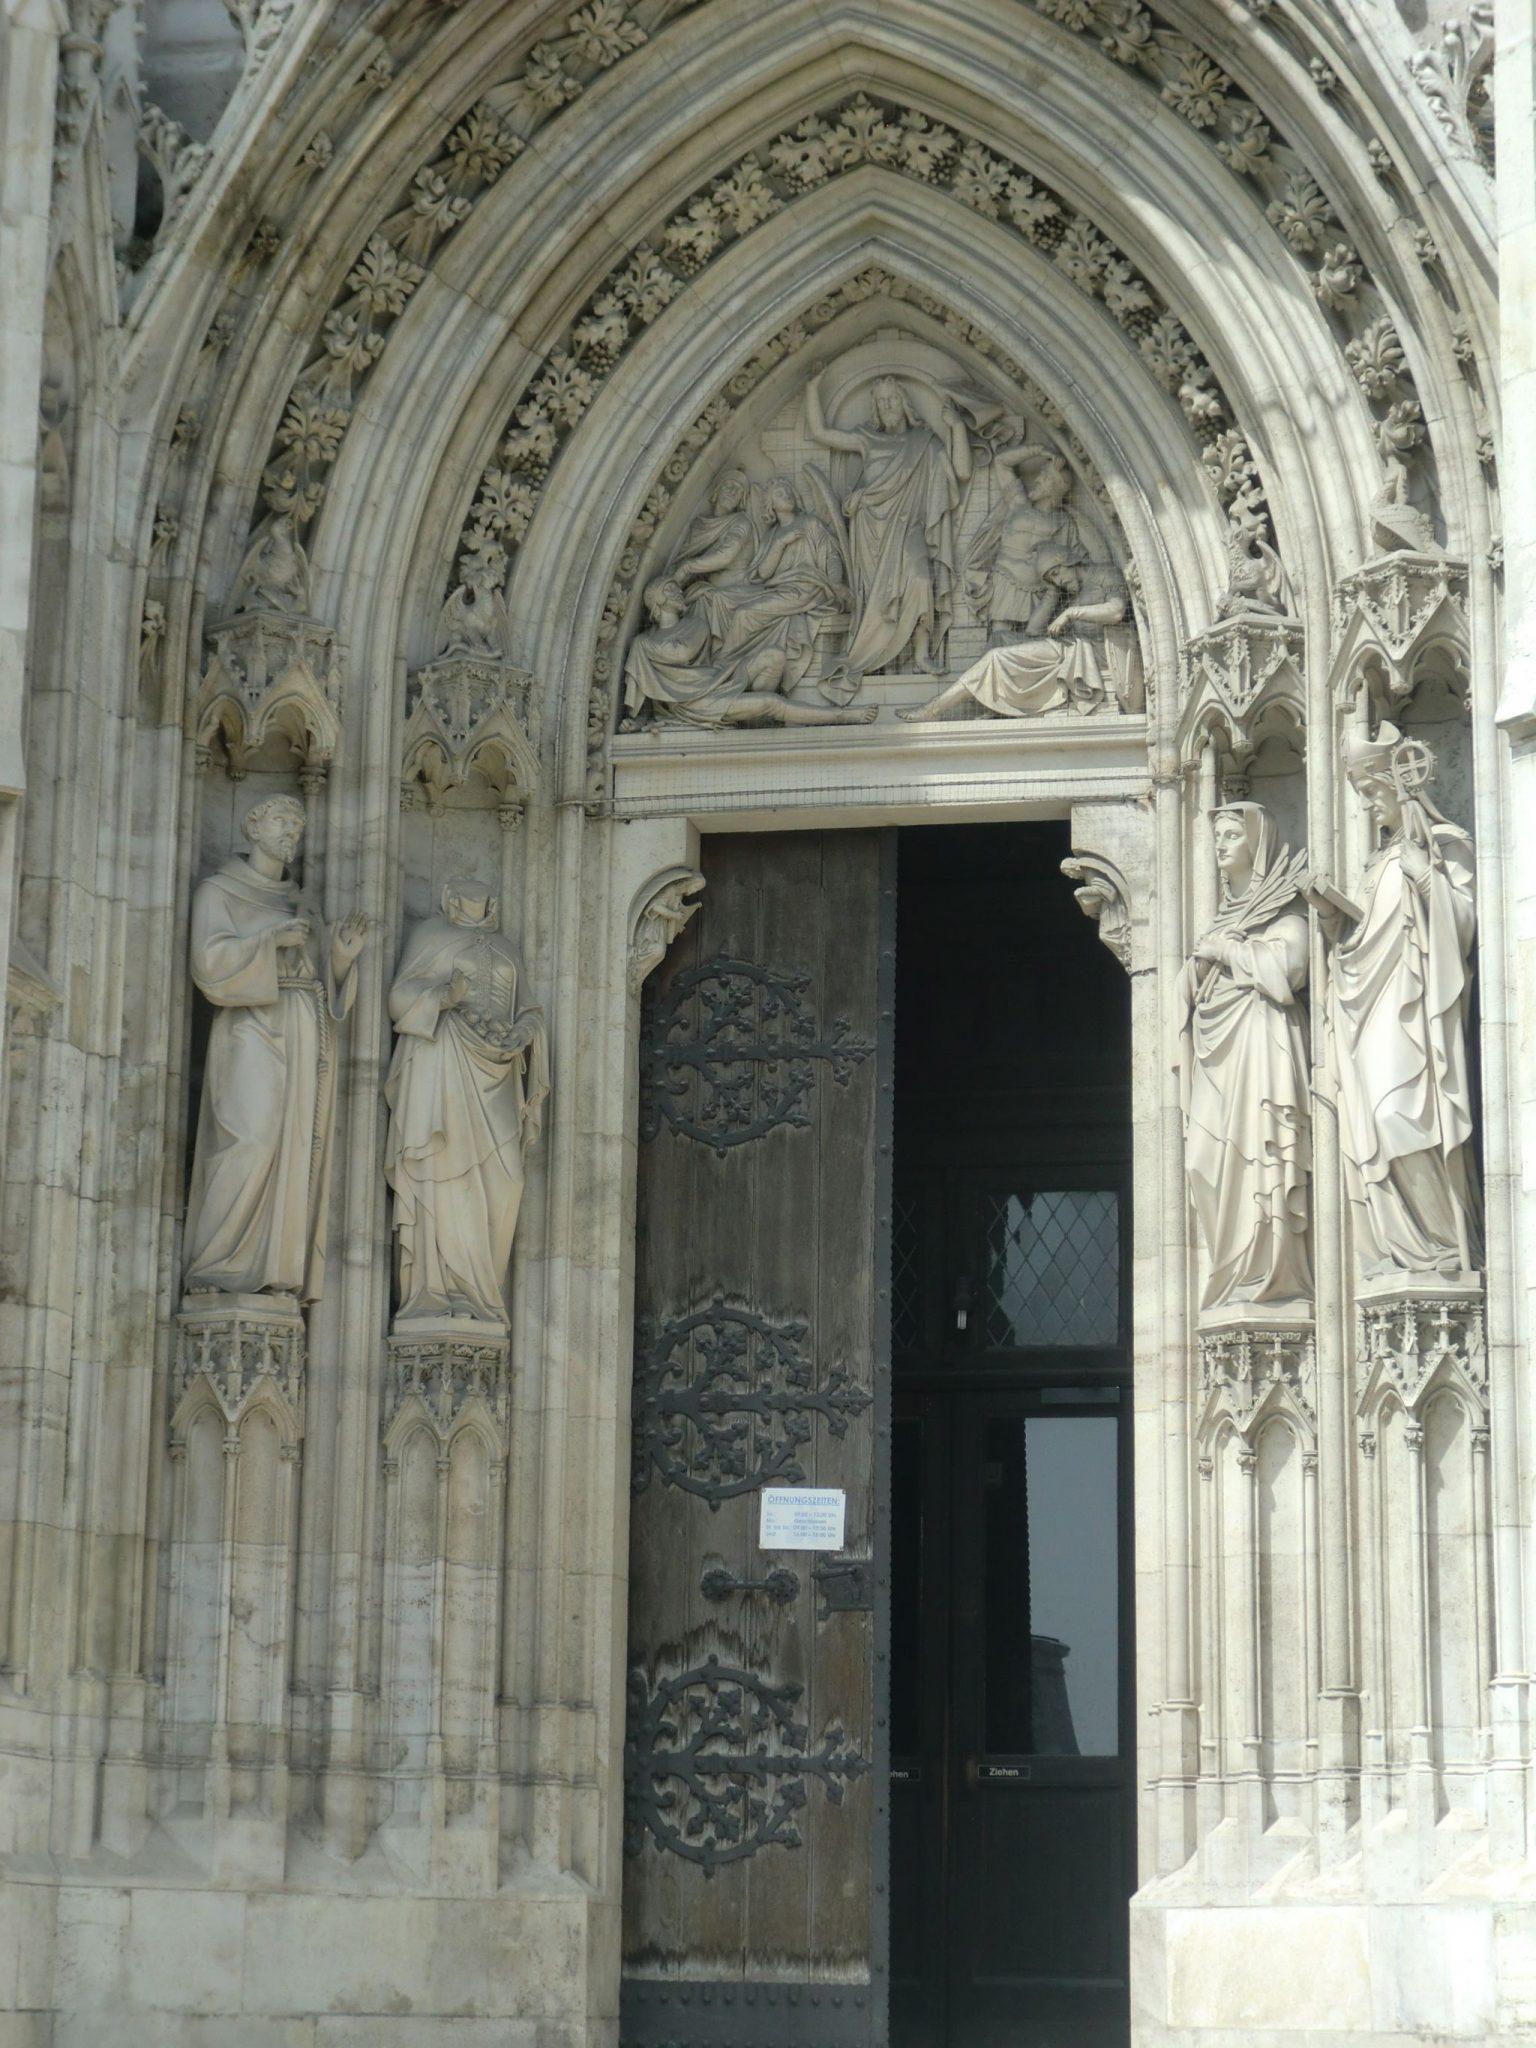 Vienna cathedral 3 1440x1920 - Vienna: elegant beauty